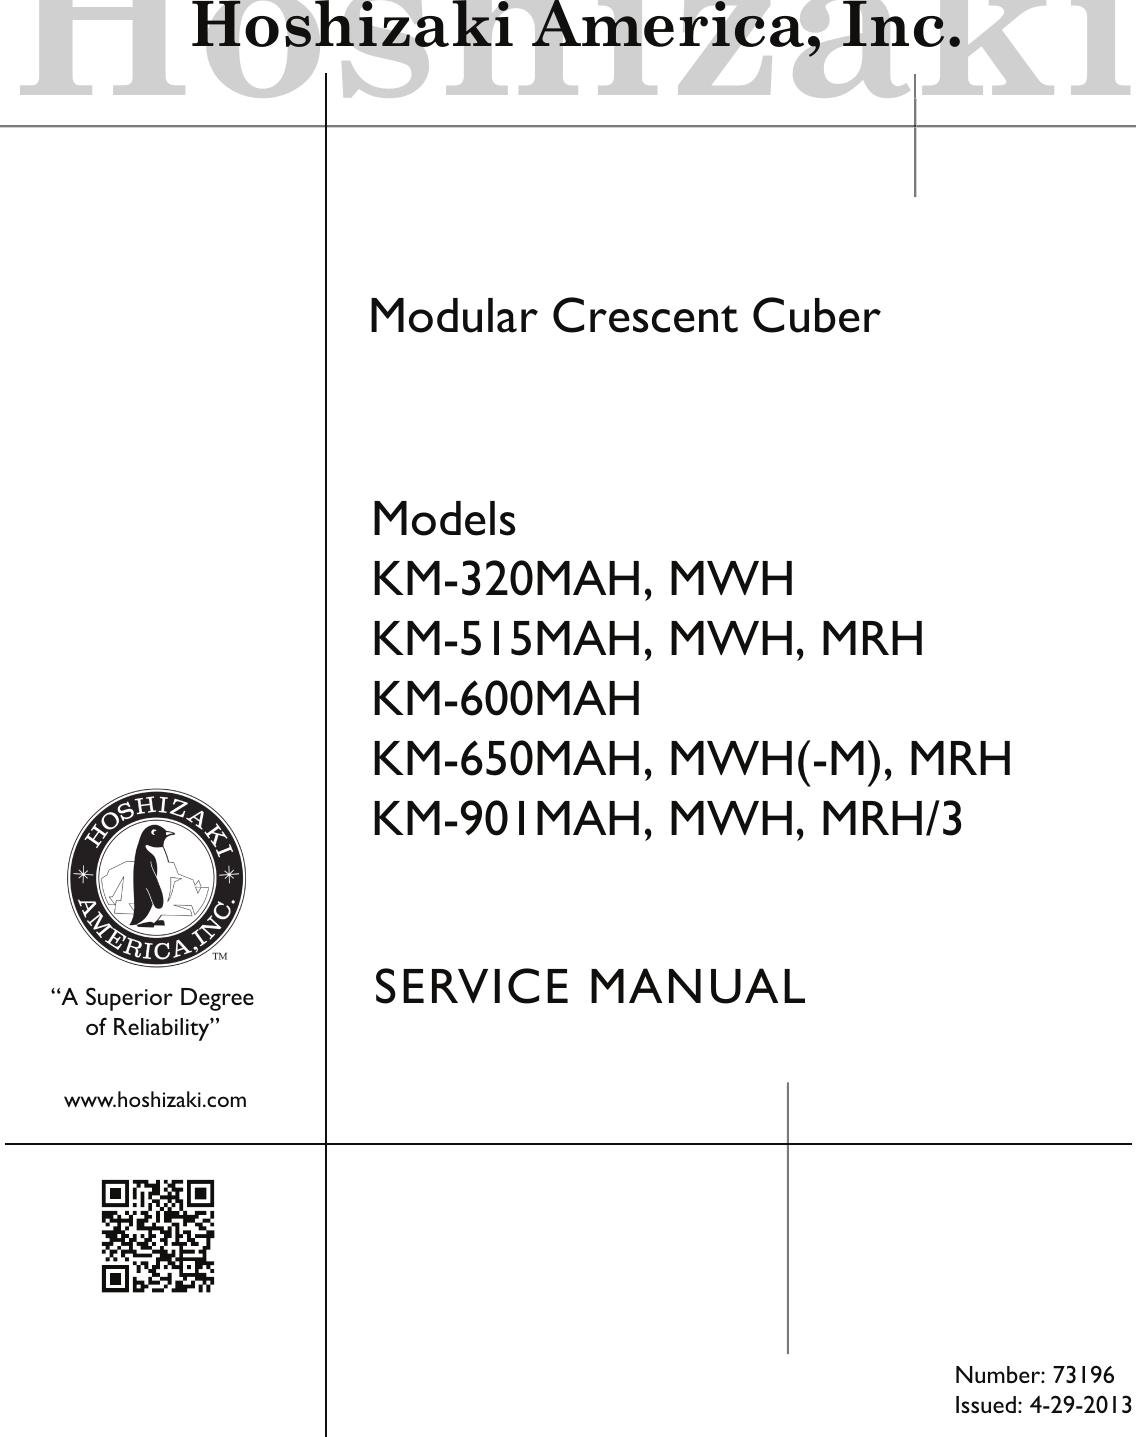 Hoshizaki Modular Crescent Cuber Mrh Km 600mah 650mah Users Manual Wiring Diagrams